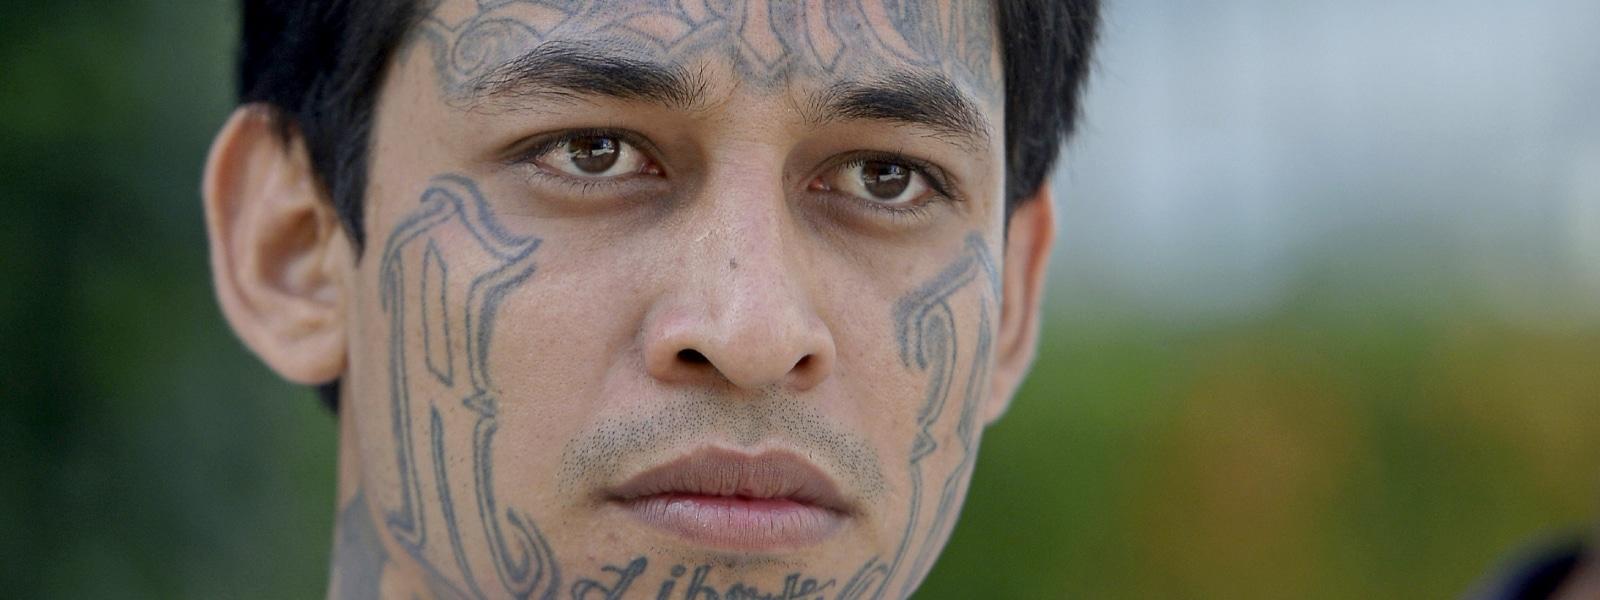 El salvador gang member